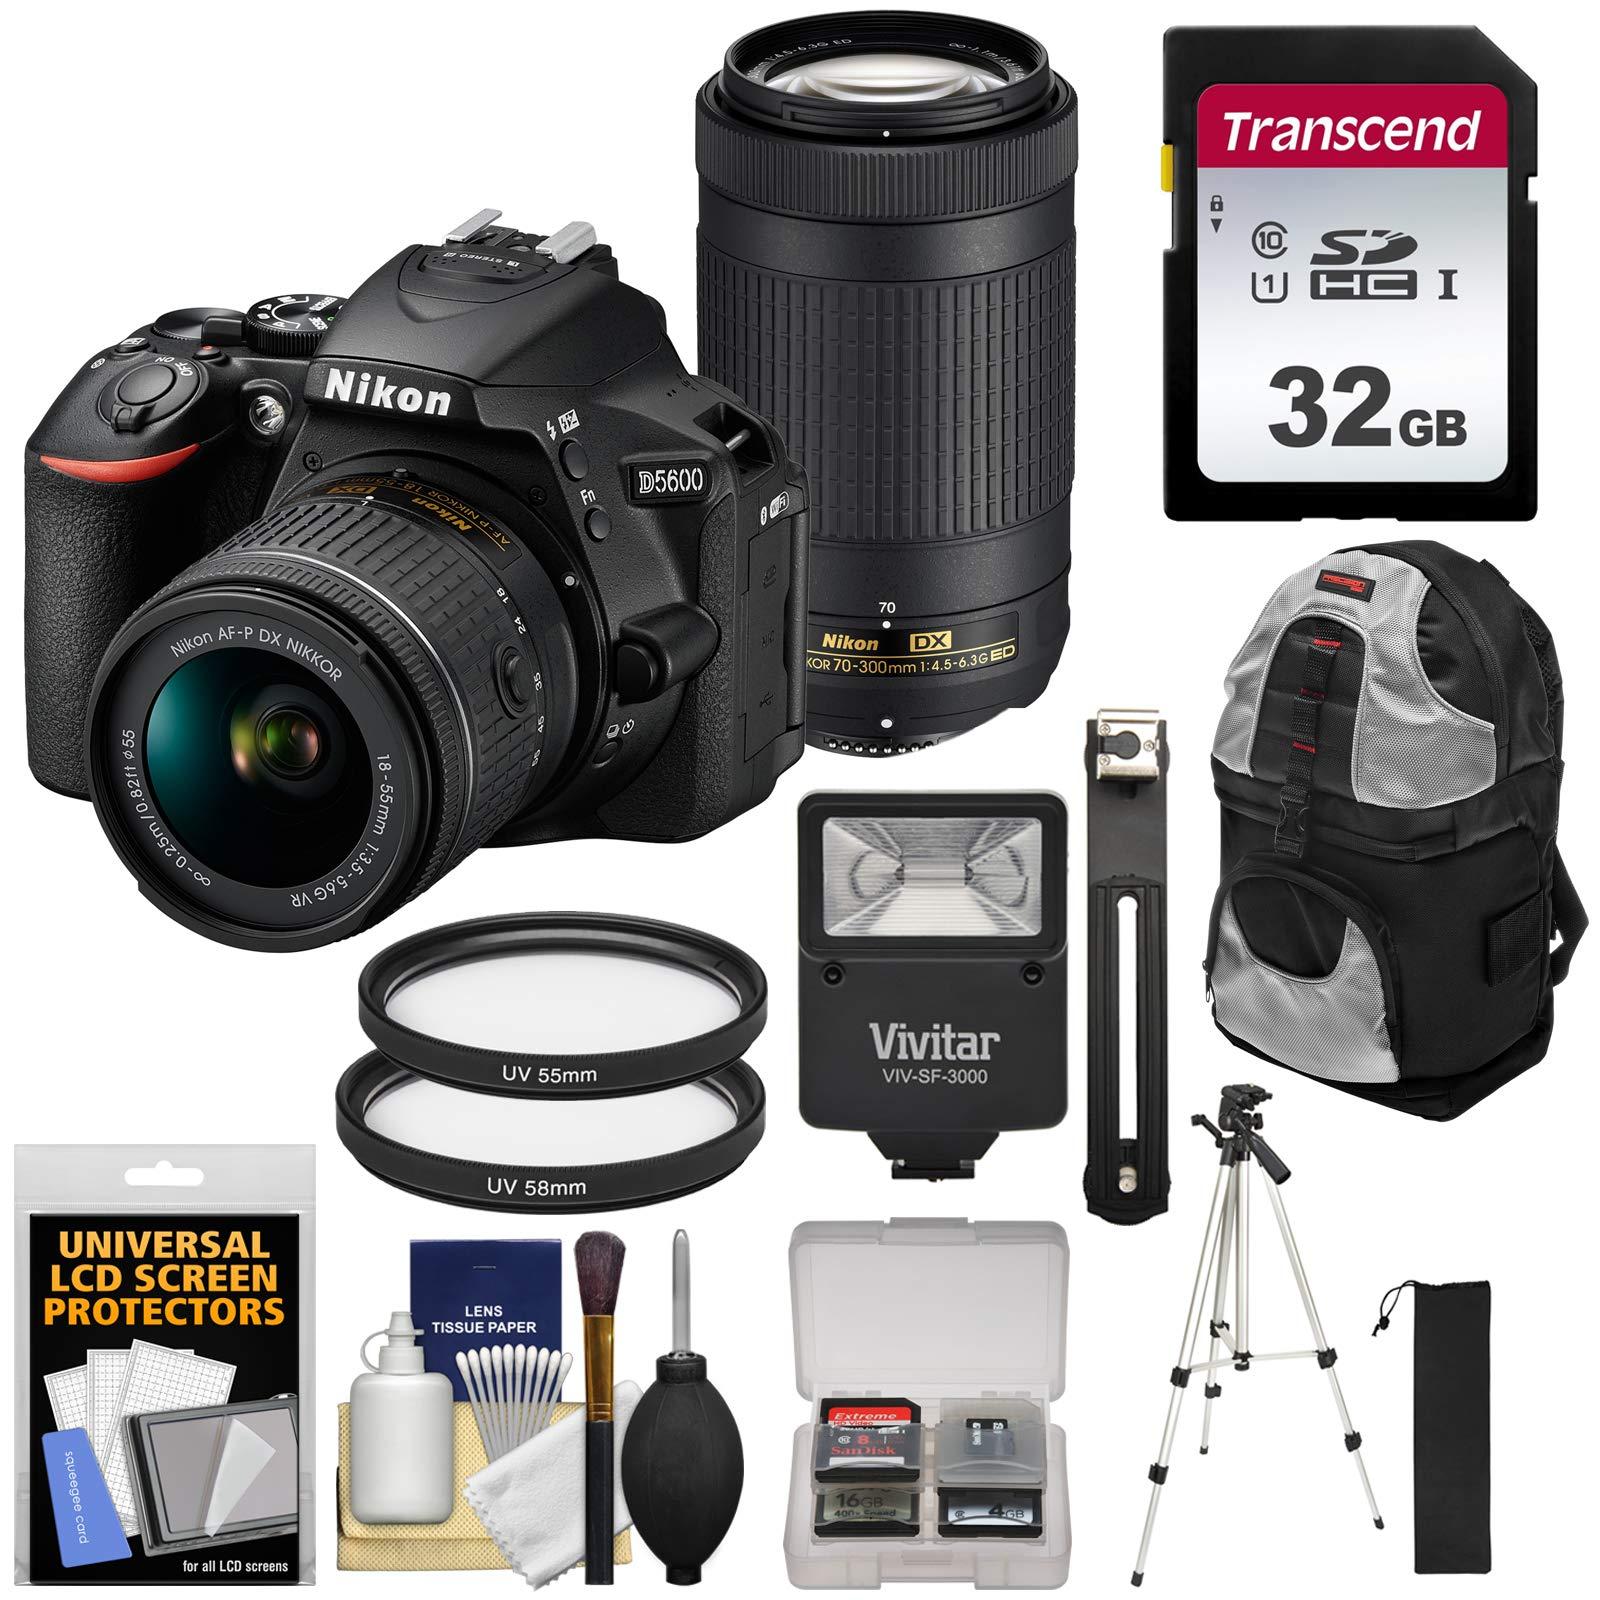 Nikon D5600 Wi-Fi Digital SLR Camera with 18-55mm VR & 70-300mm DX AF-P Lenses with 32GB Card + Backpack + Flash + Tripod + Kit